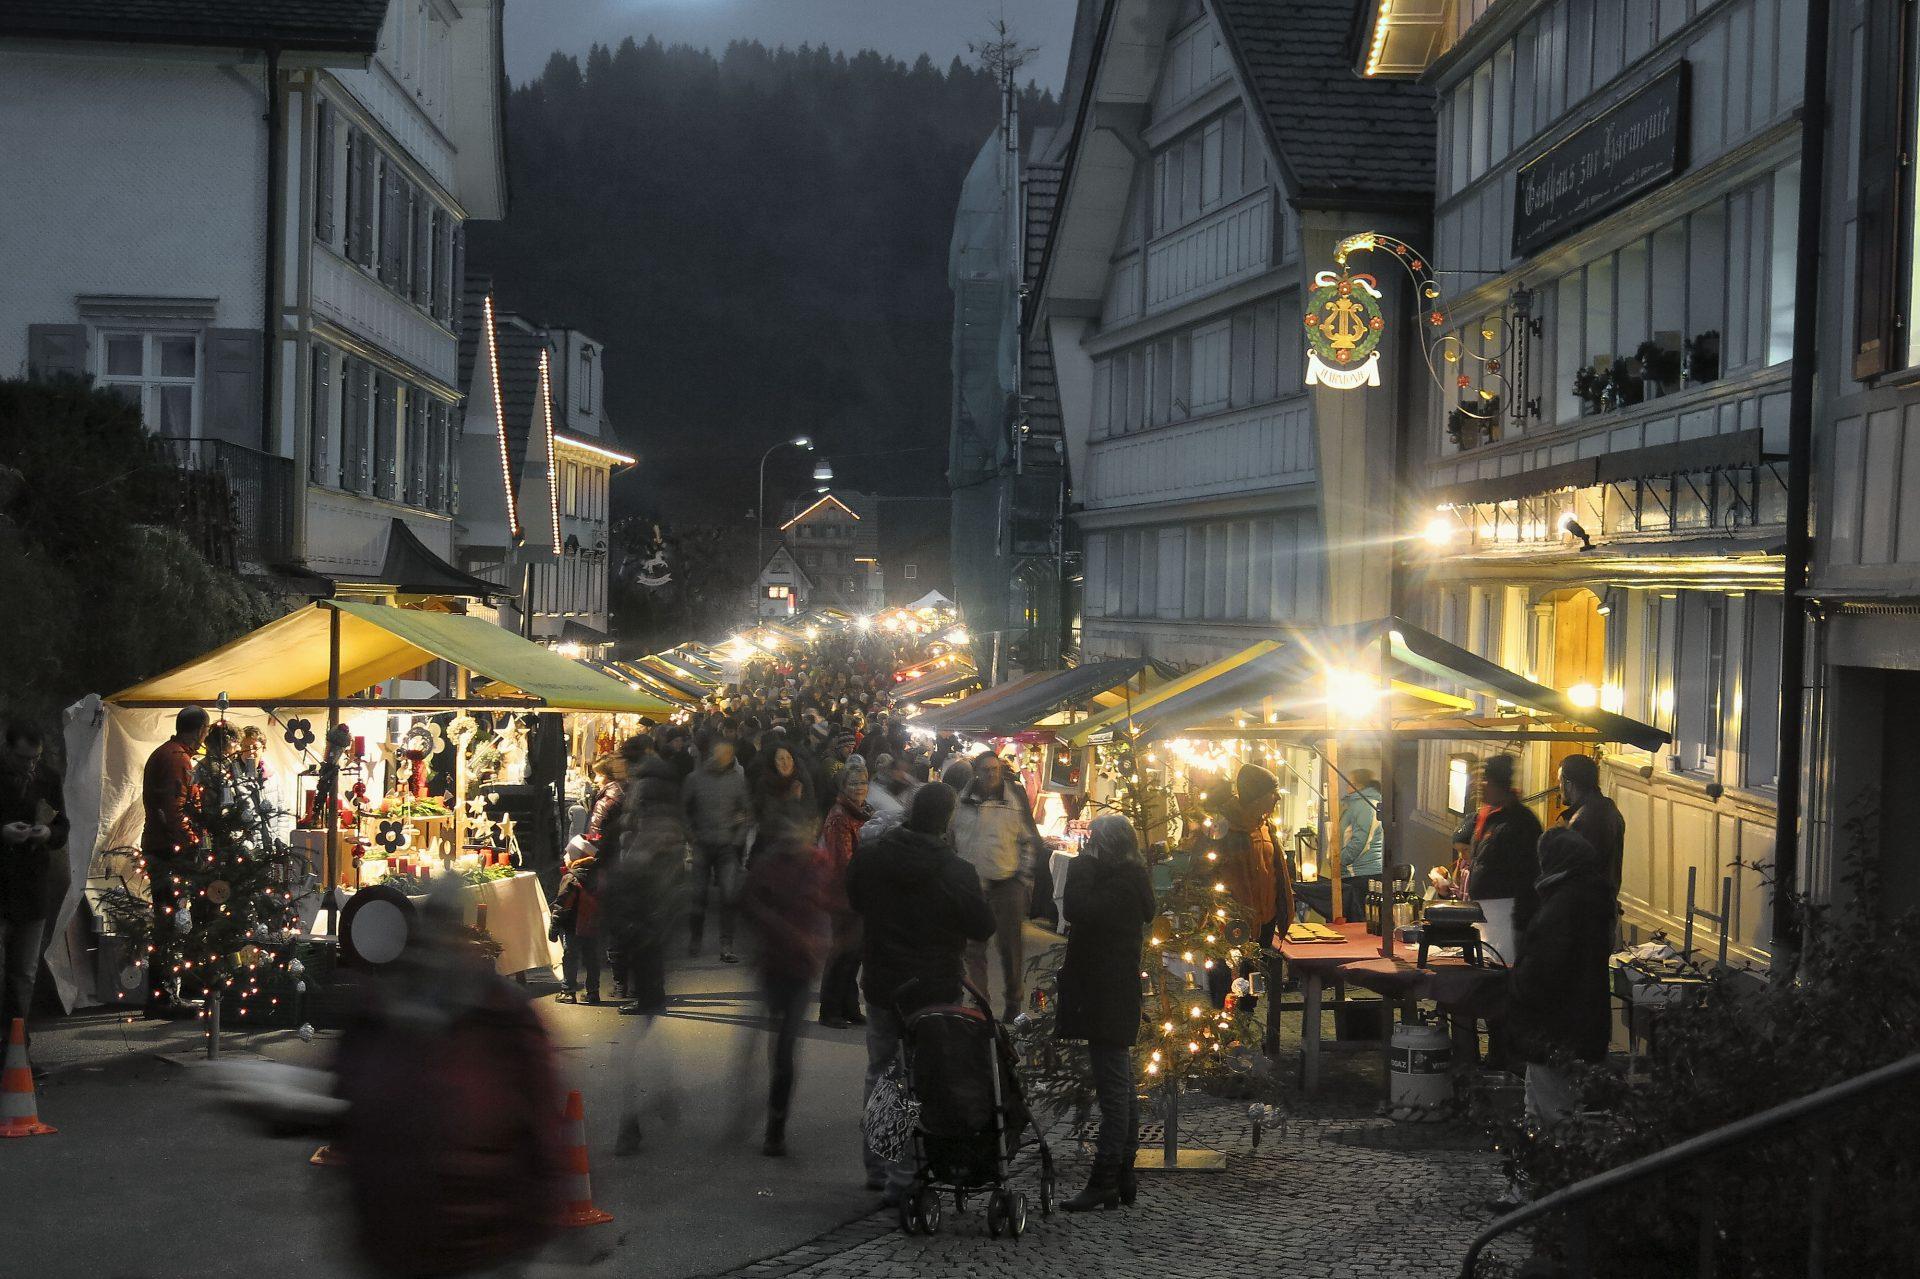 07-Weihnachtsmarkt